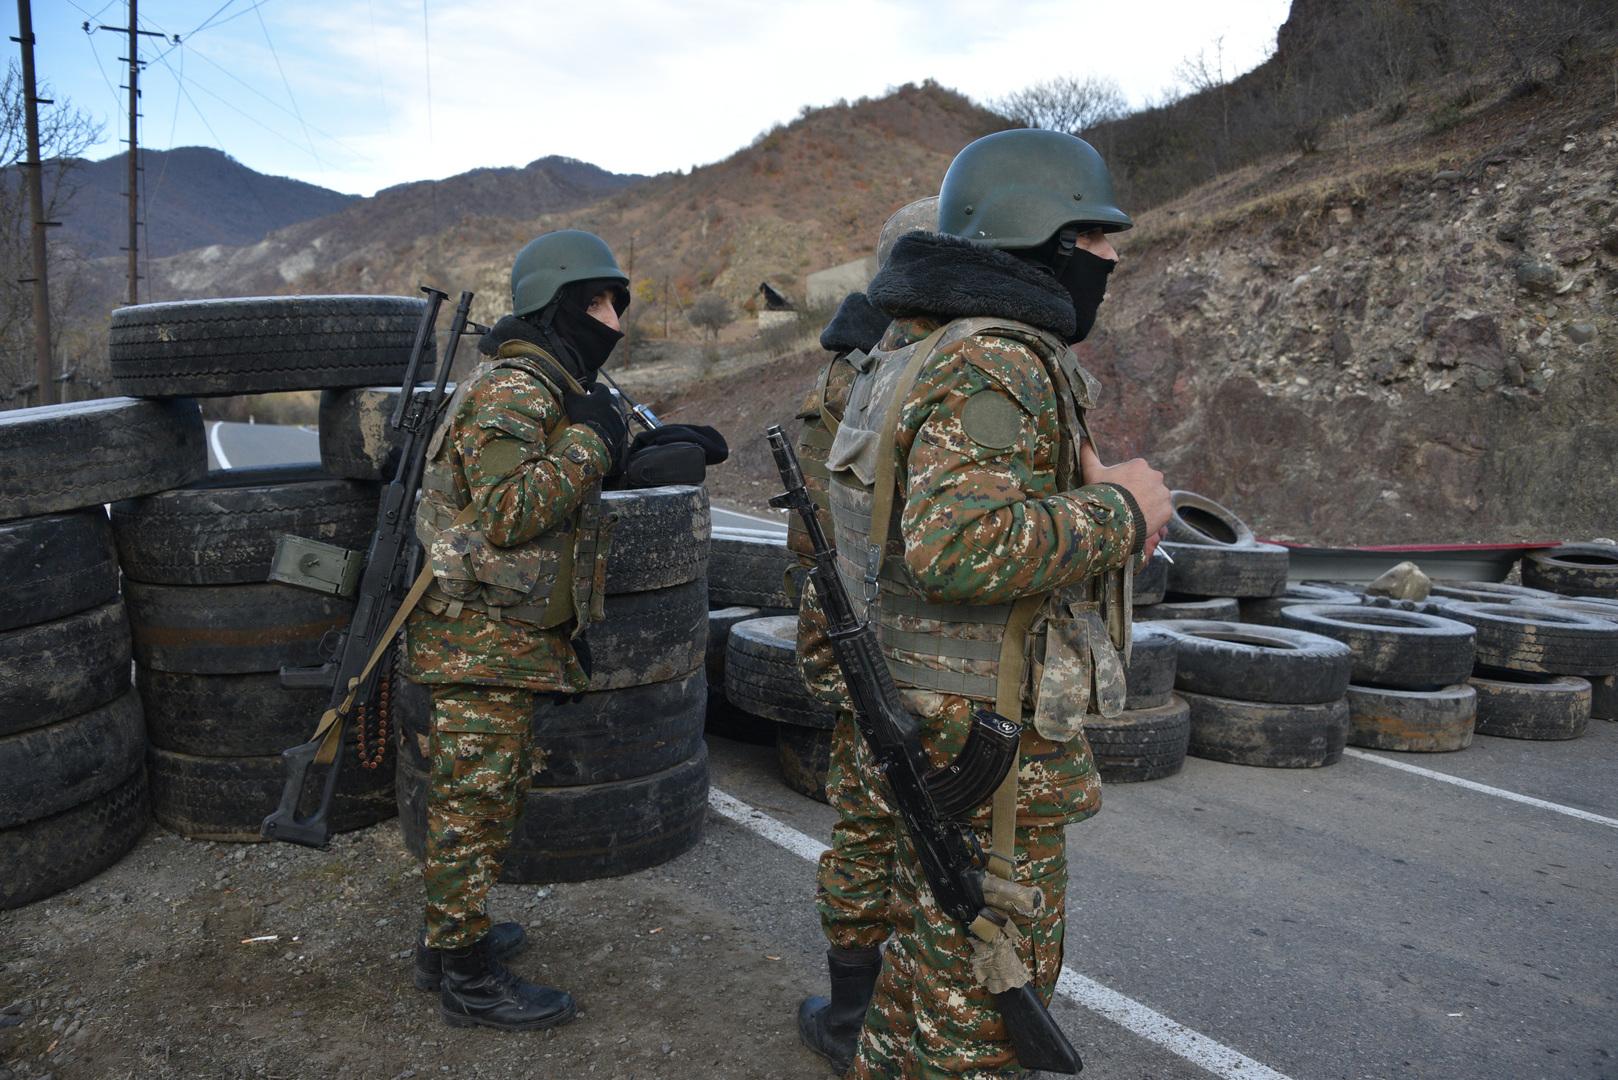 الدفاع الأرمنية تنفي قصف مواقع القوات الأذربيجانية على الحدود